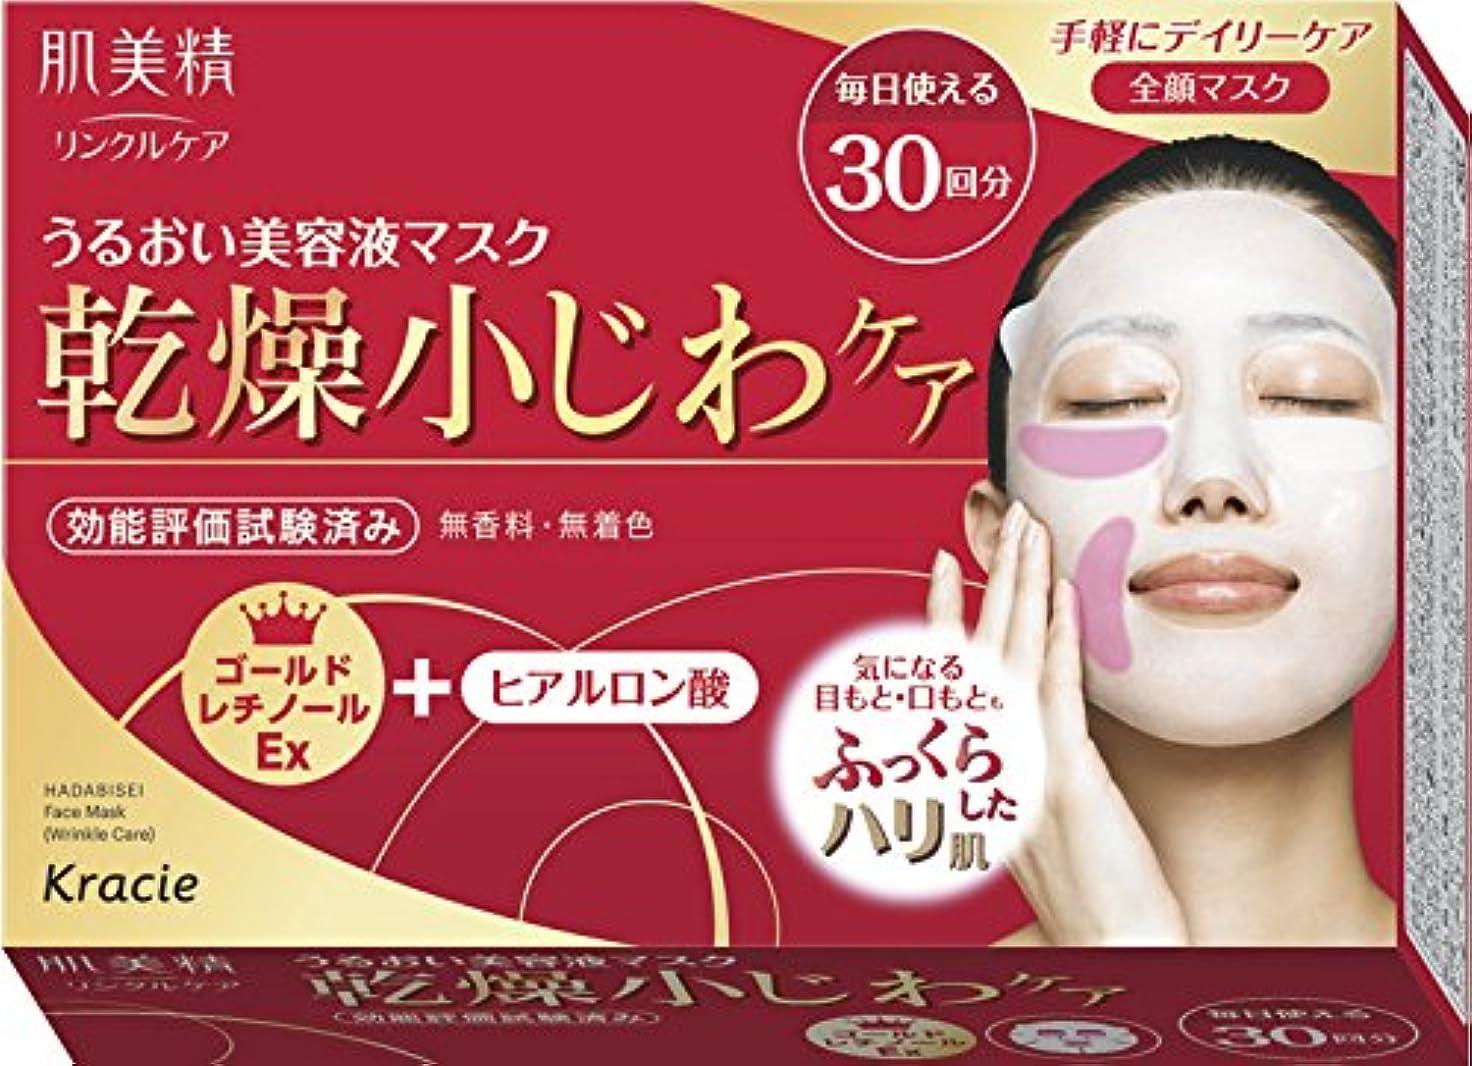 帝国溢れんばかりのサンプル肌美精 デイリーリンクルケア美容液マスク 30枚